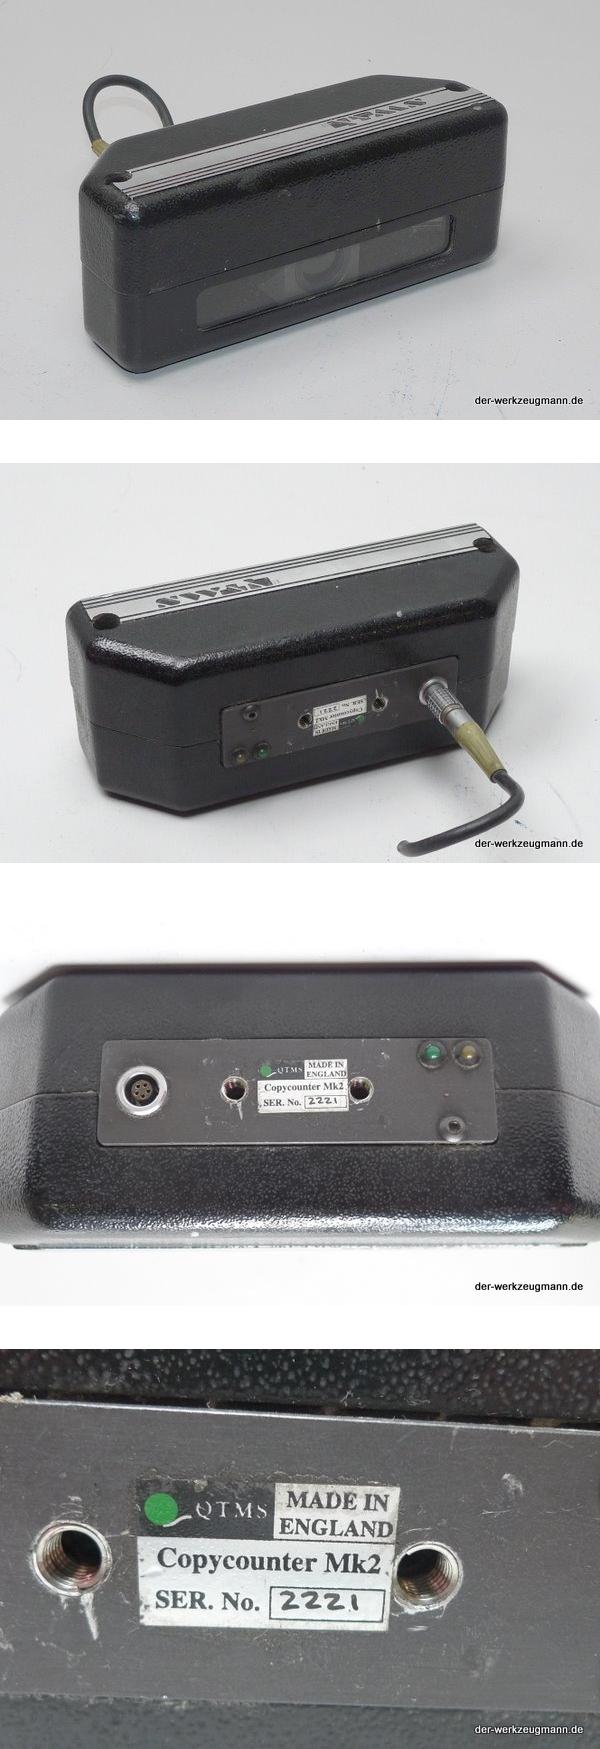 QTMS Copycounter Mk2 I